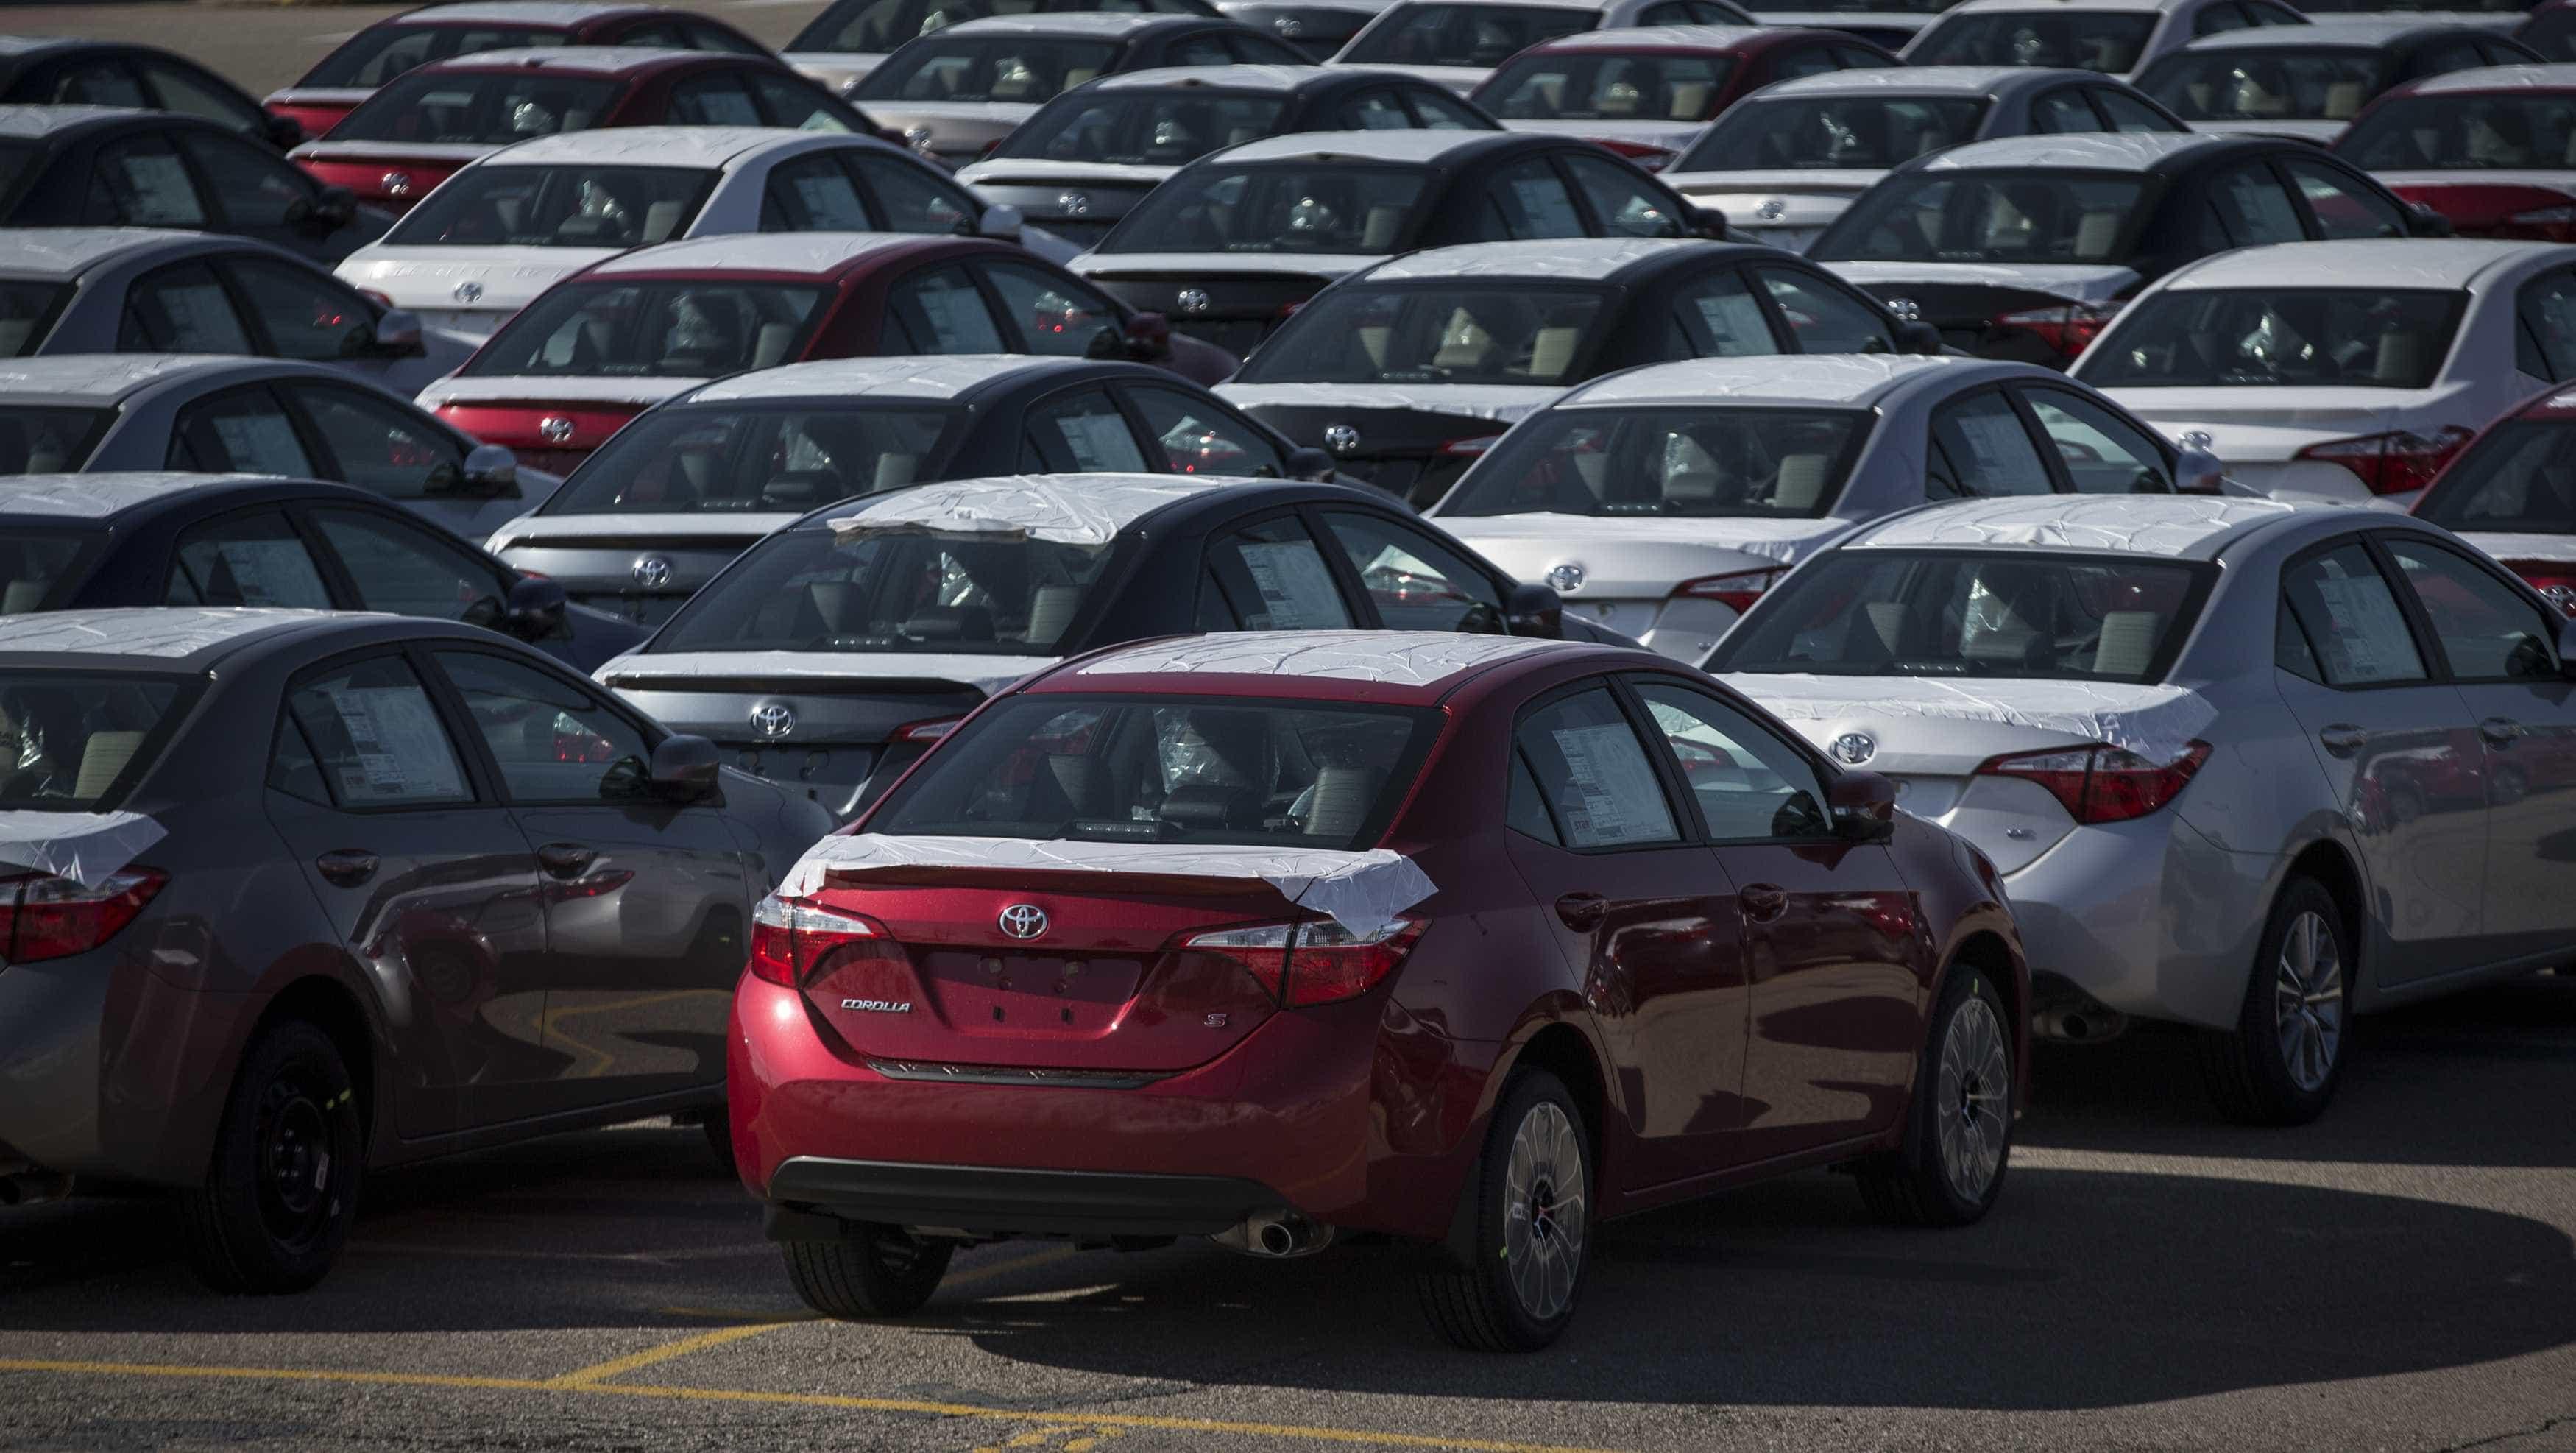 Lucro da Toyota Caetano sobe 36,5% em 2018 atingindo os 12,8 milhões